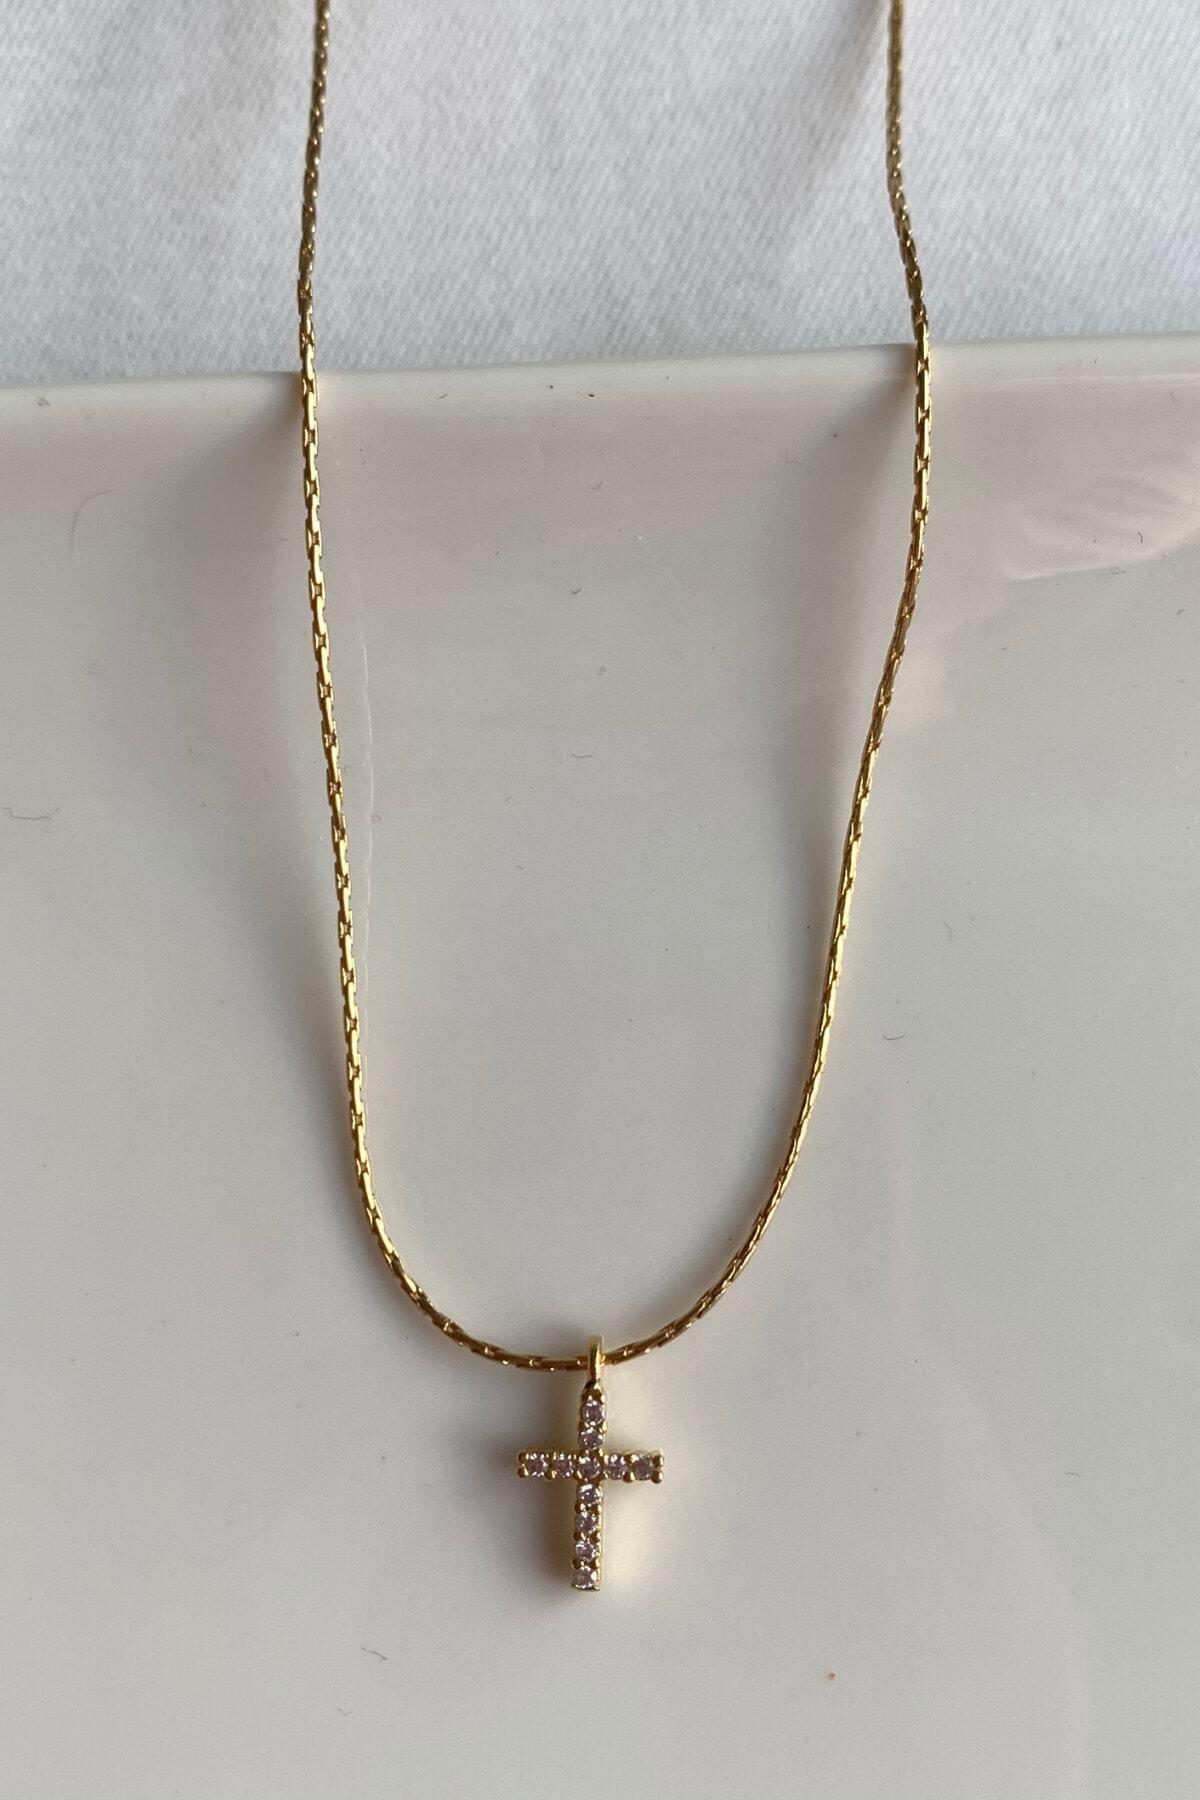 luvia Mini Zirkon Taşlı Altın Kaplama Haç Kolye 1